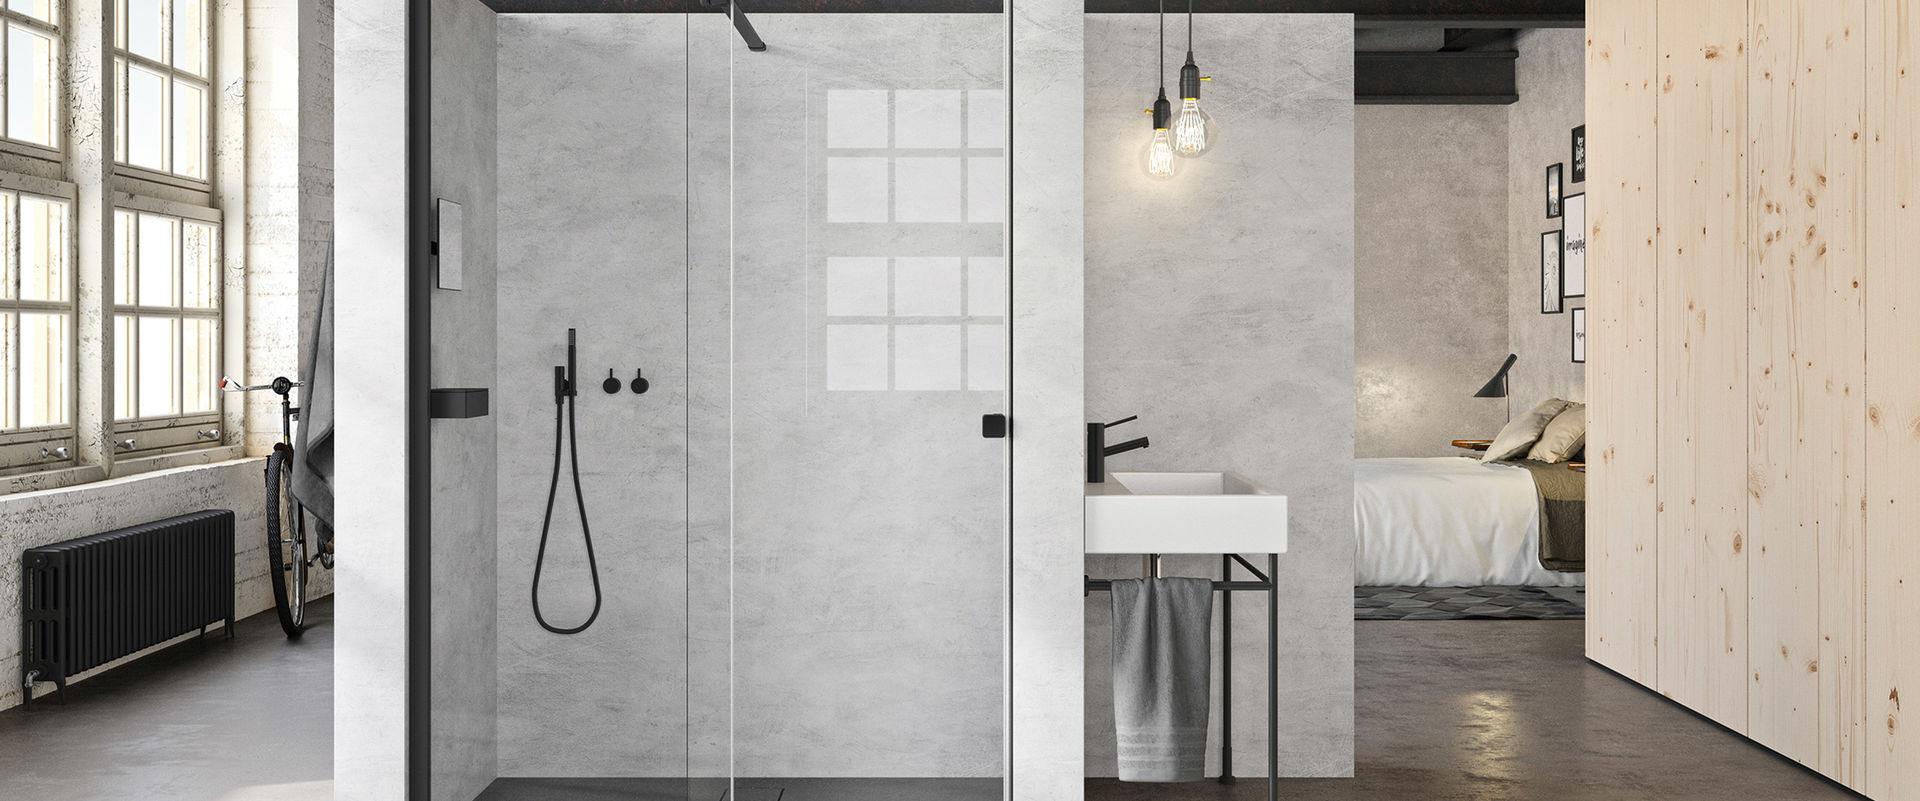 Full Size of Hüppe Duschen Portrait Des Sanitrherstellers Hppe Breuer Dusche Sprinz Kaufen Schulte Werksverkauf Hsk Begehbare Bodengleiche Moderne Dusche Hüppe Duschen